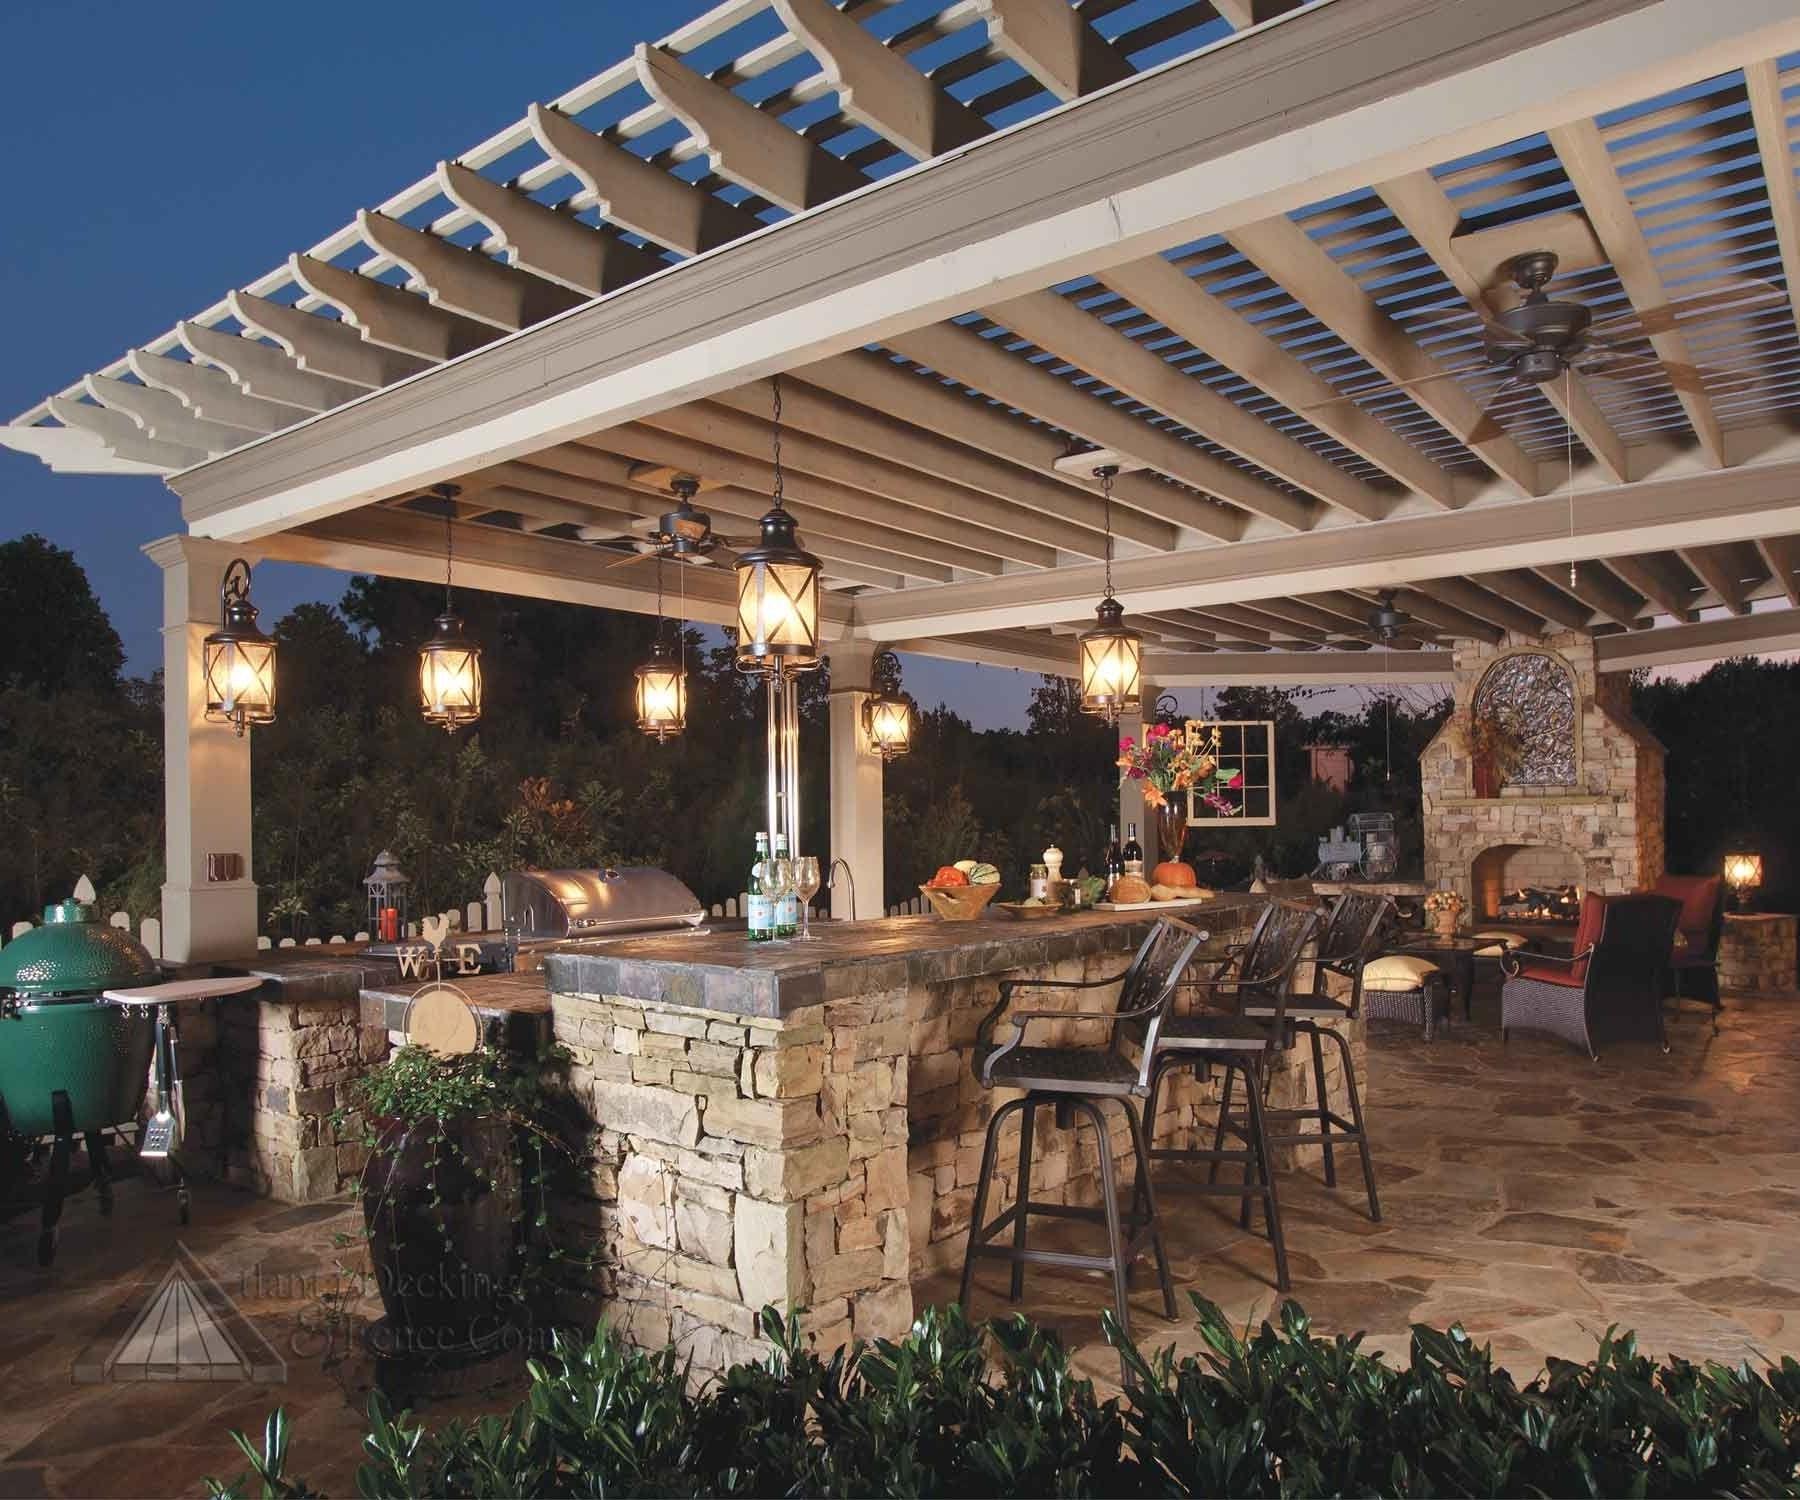 Diy Outdoor Hanging Lights – Outdoor Designs With Recent Diy Outdoor Ceiling Lights (Gallery 17 of 20)